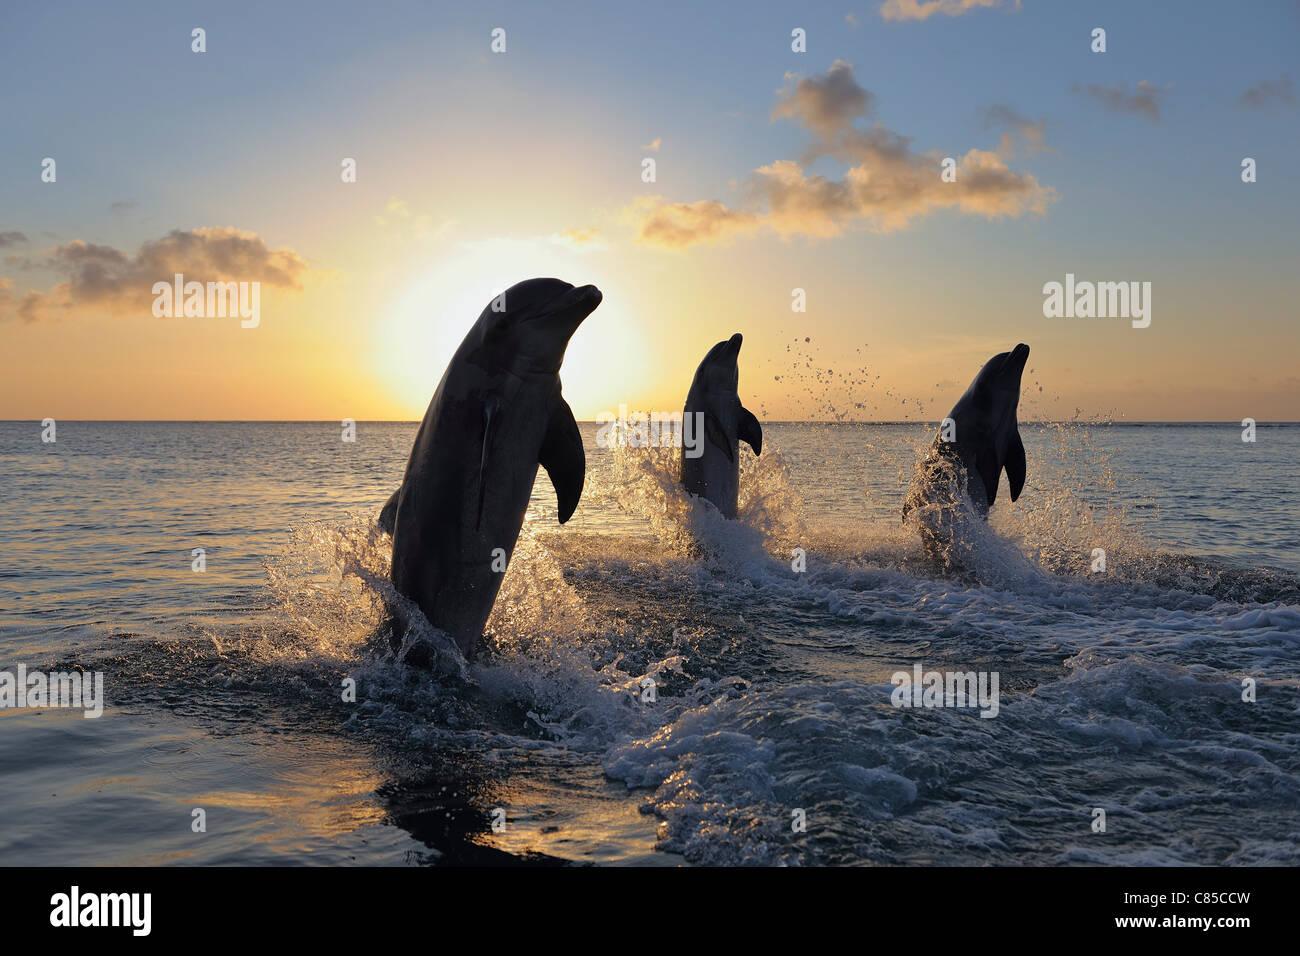 Les Grands Dauphins communs qui saute dans la mer au coucher du soleil, Roatan, Bay Islands, Honduras Banque D'Images